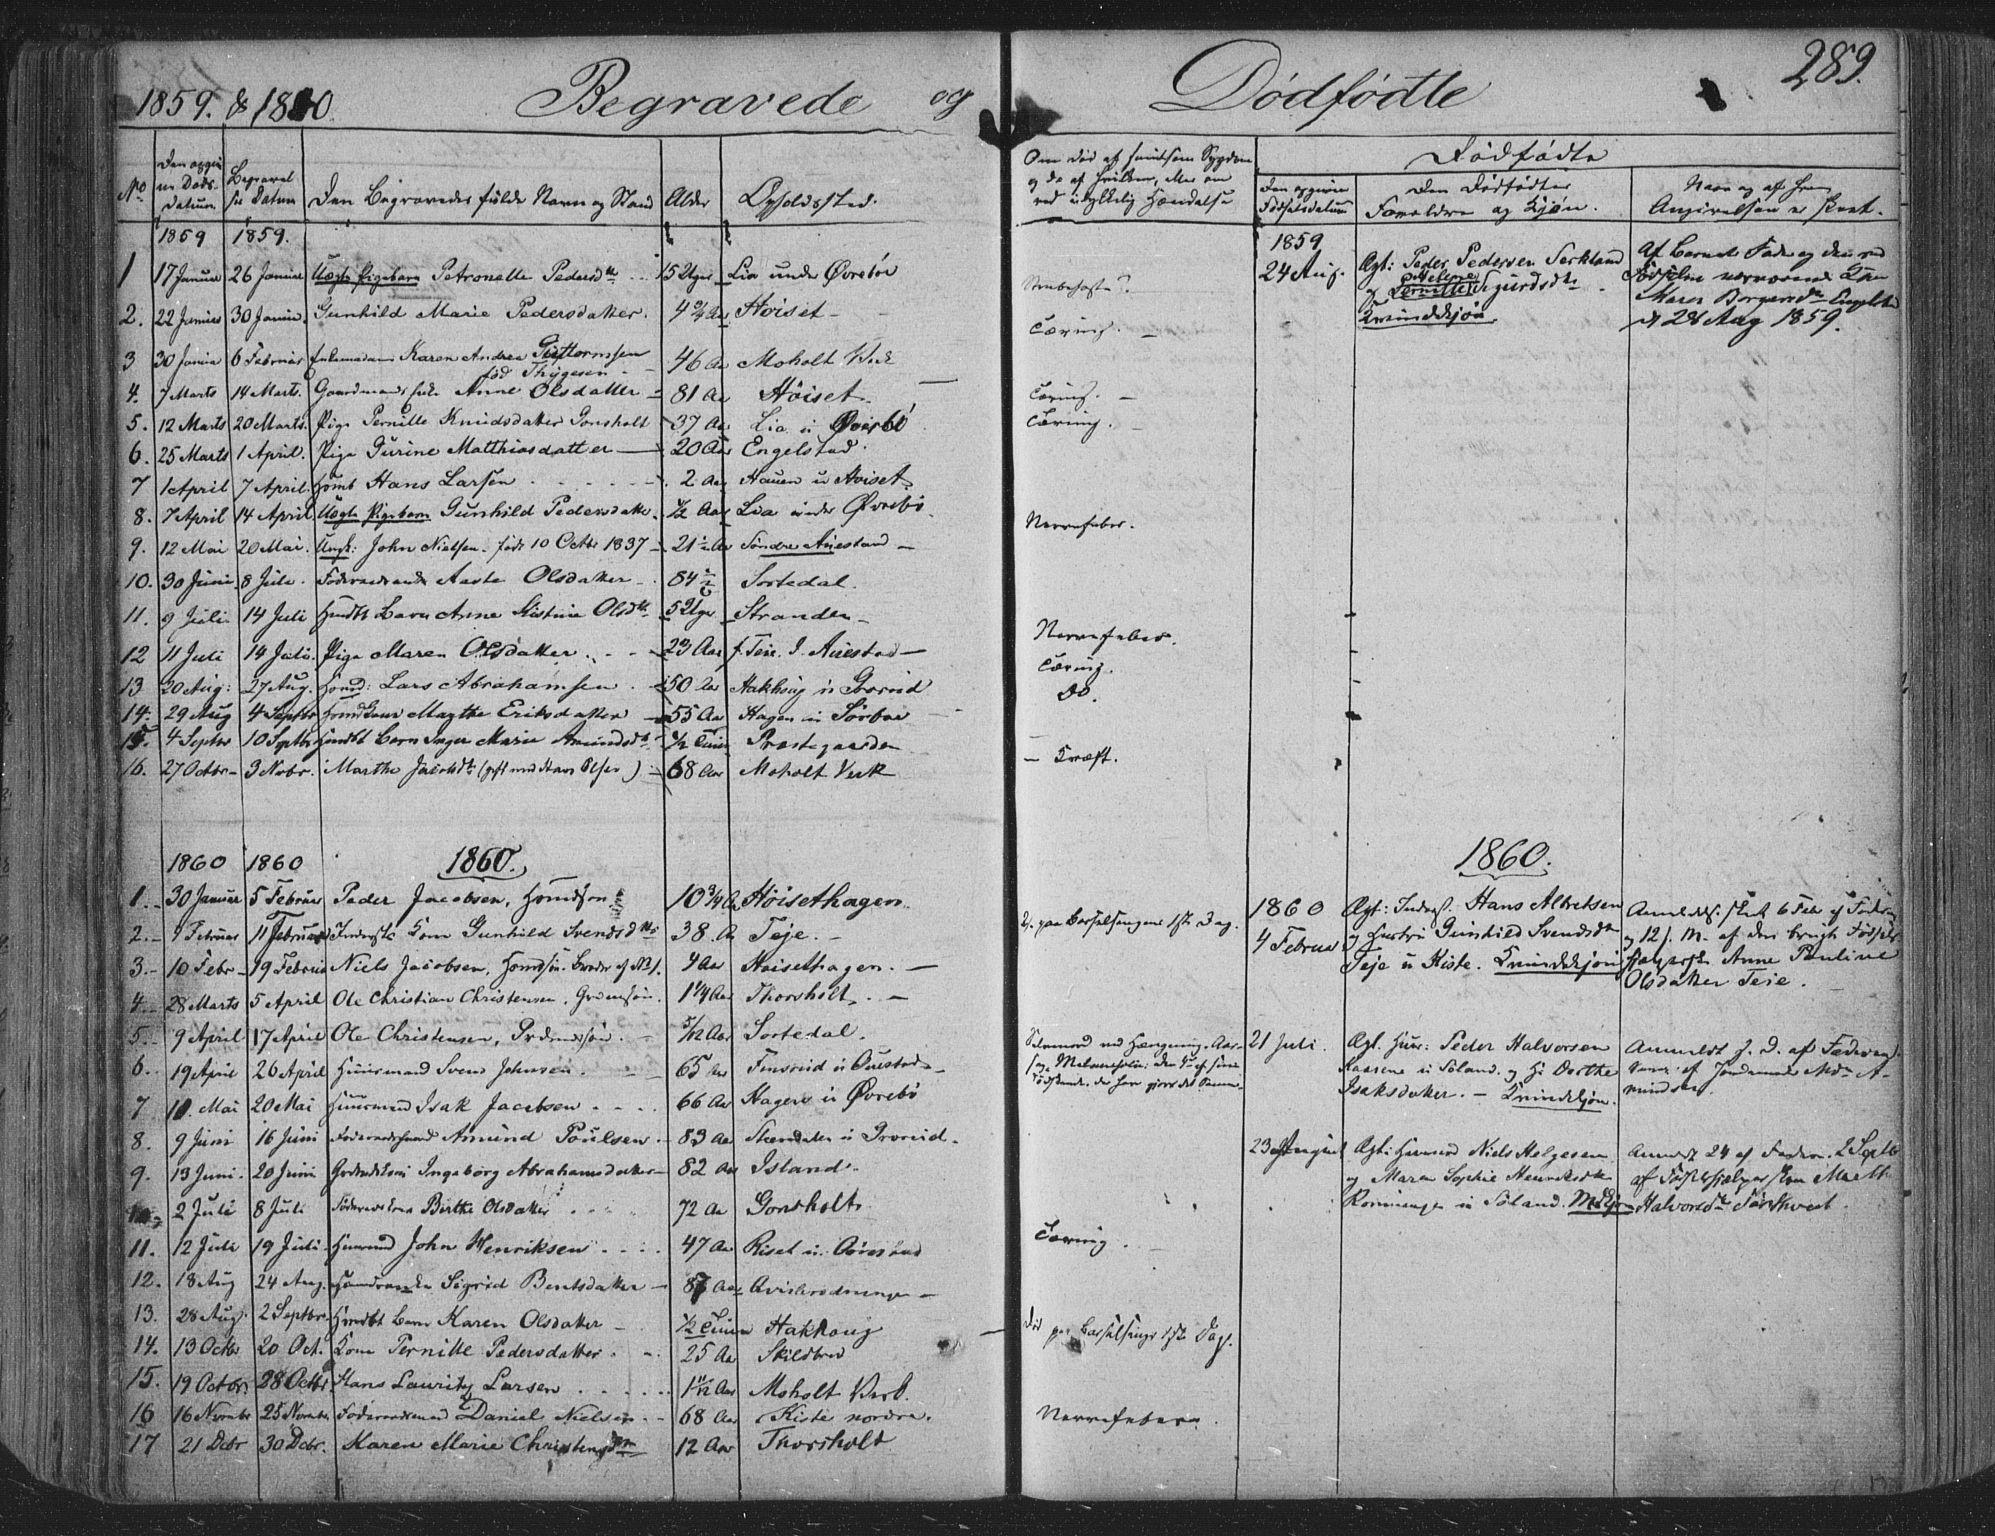 SAKO, Siljan kirkebøker, F/Fa/L0001: Ministerialbok nr. 1, 1831-1870, s. 289